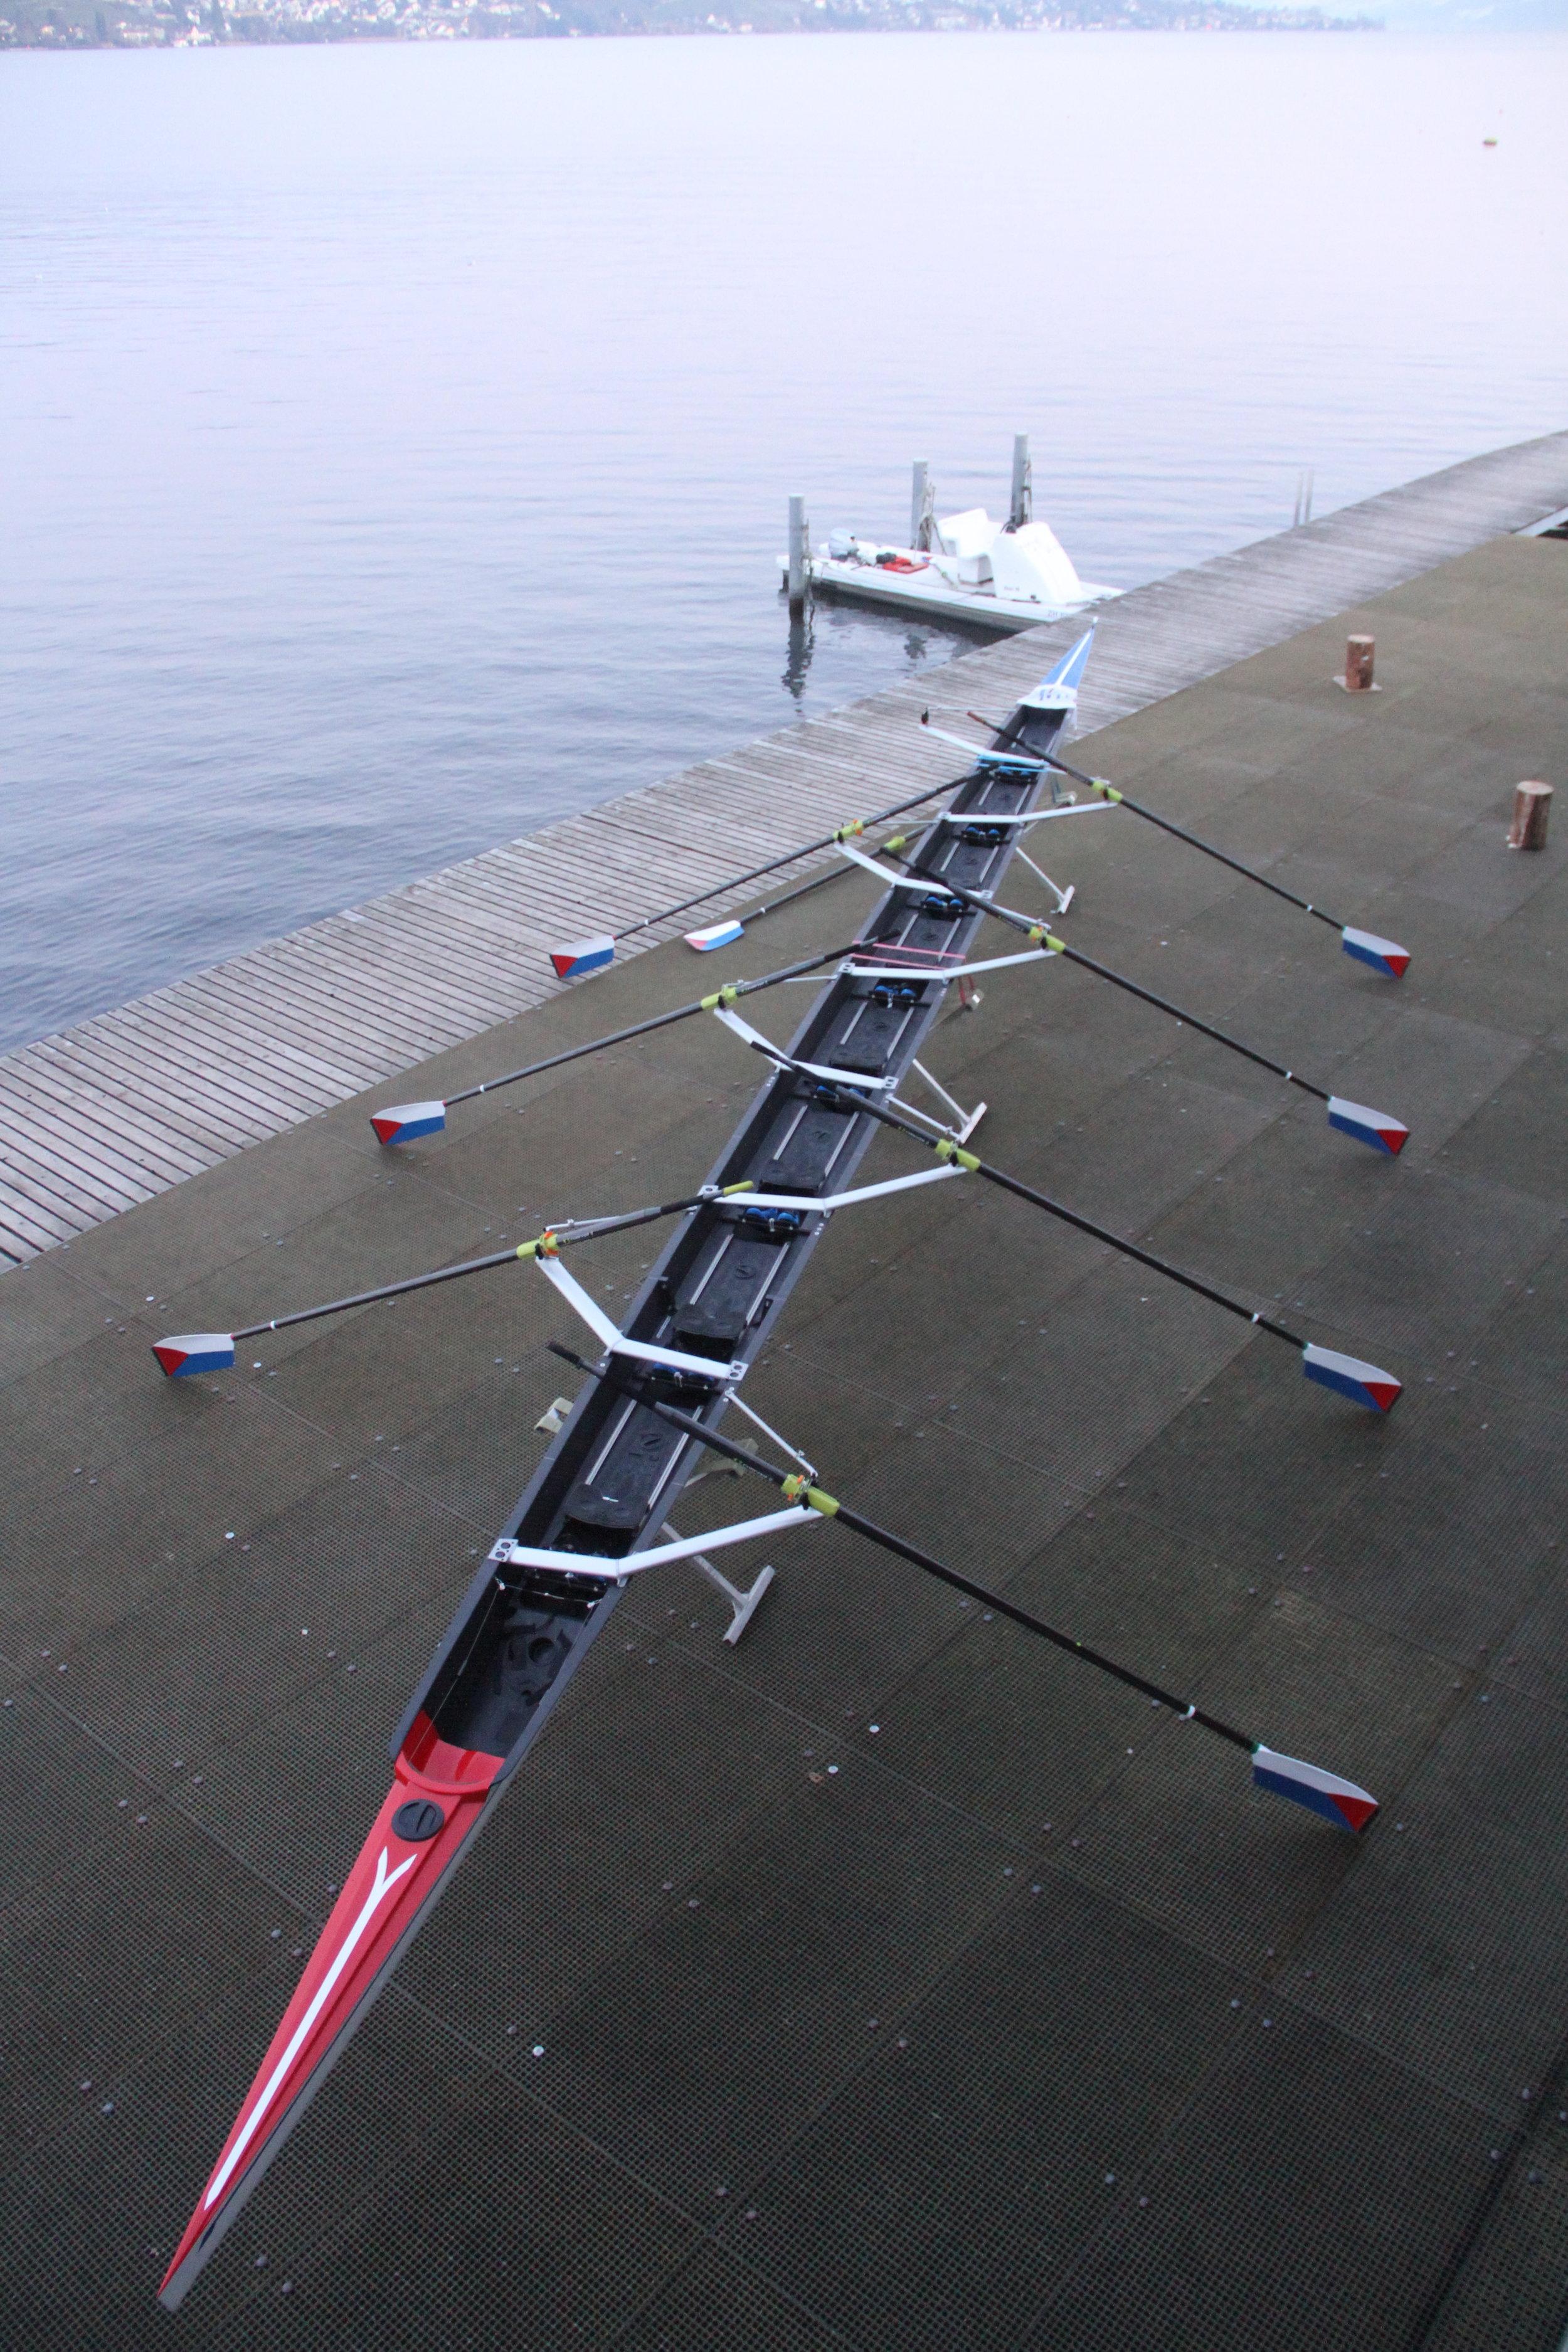 «Phönix» - Das fast 17 Meter lange und 59 cm schmale Rennboot mit seinen eleganten Flügelauslegern wiegt etwa 95 kg und stammt aus der italienischen Bootswerft Filippi. Der RCT ist sehr stolz darauf, diesem Rennboot ein Zuhause zu geben und hofft, dass mit ihm viele Erfolge gefeiert werden dürfen.